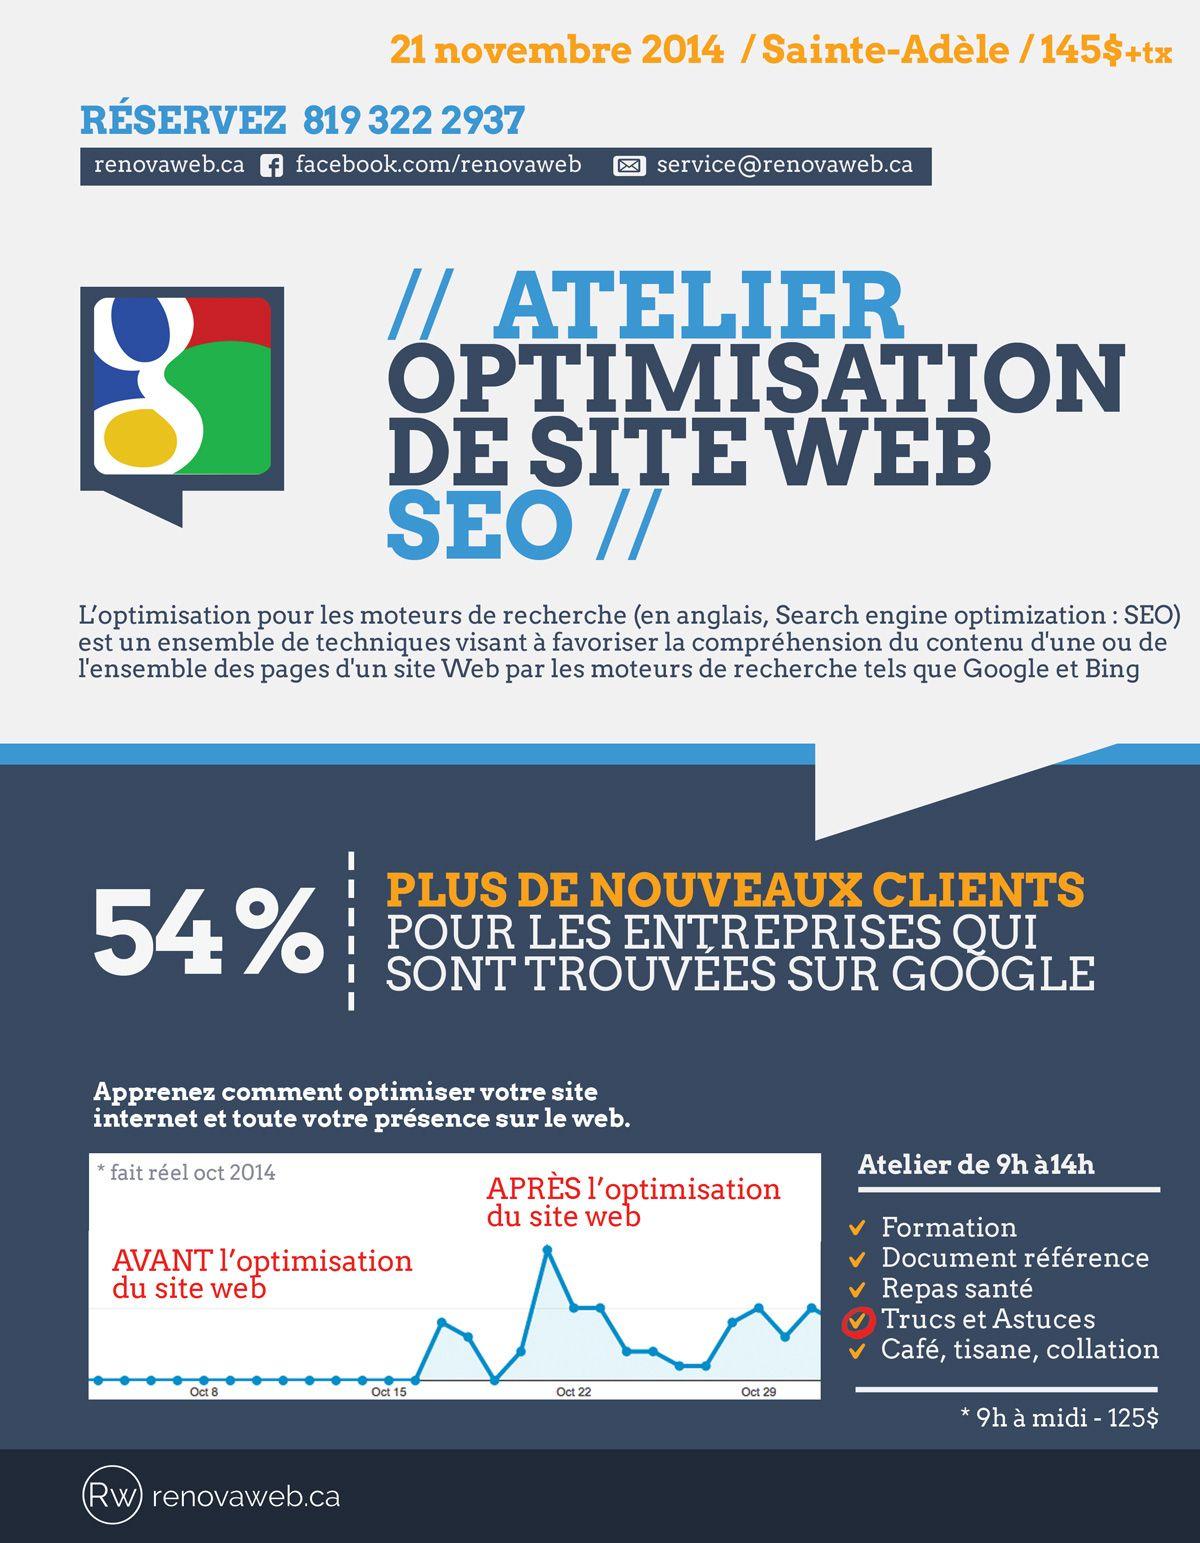 Formation SEO Optimisation de site web Atelier le 21 Novembre 2014 à Sainte-Adèle, Laurentides, Qc service@renovaweb.ca